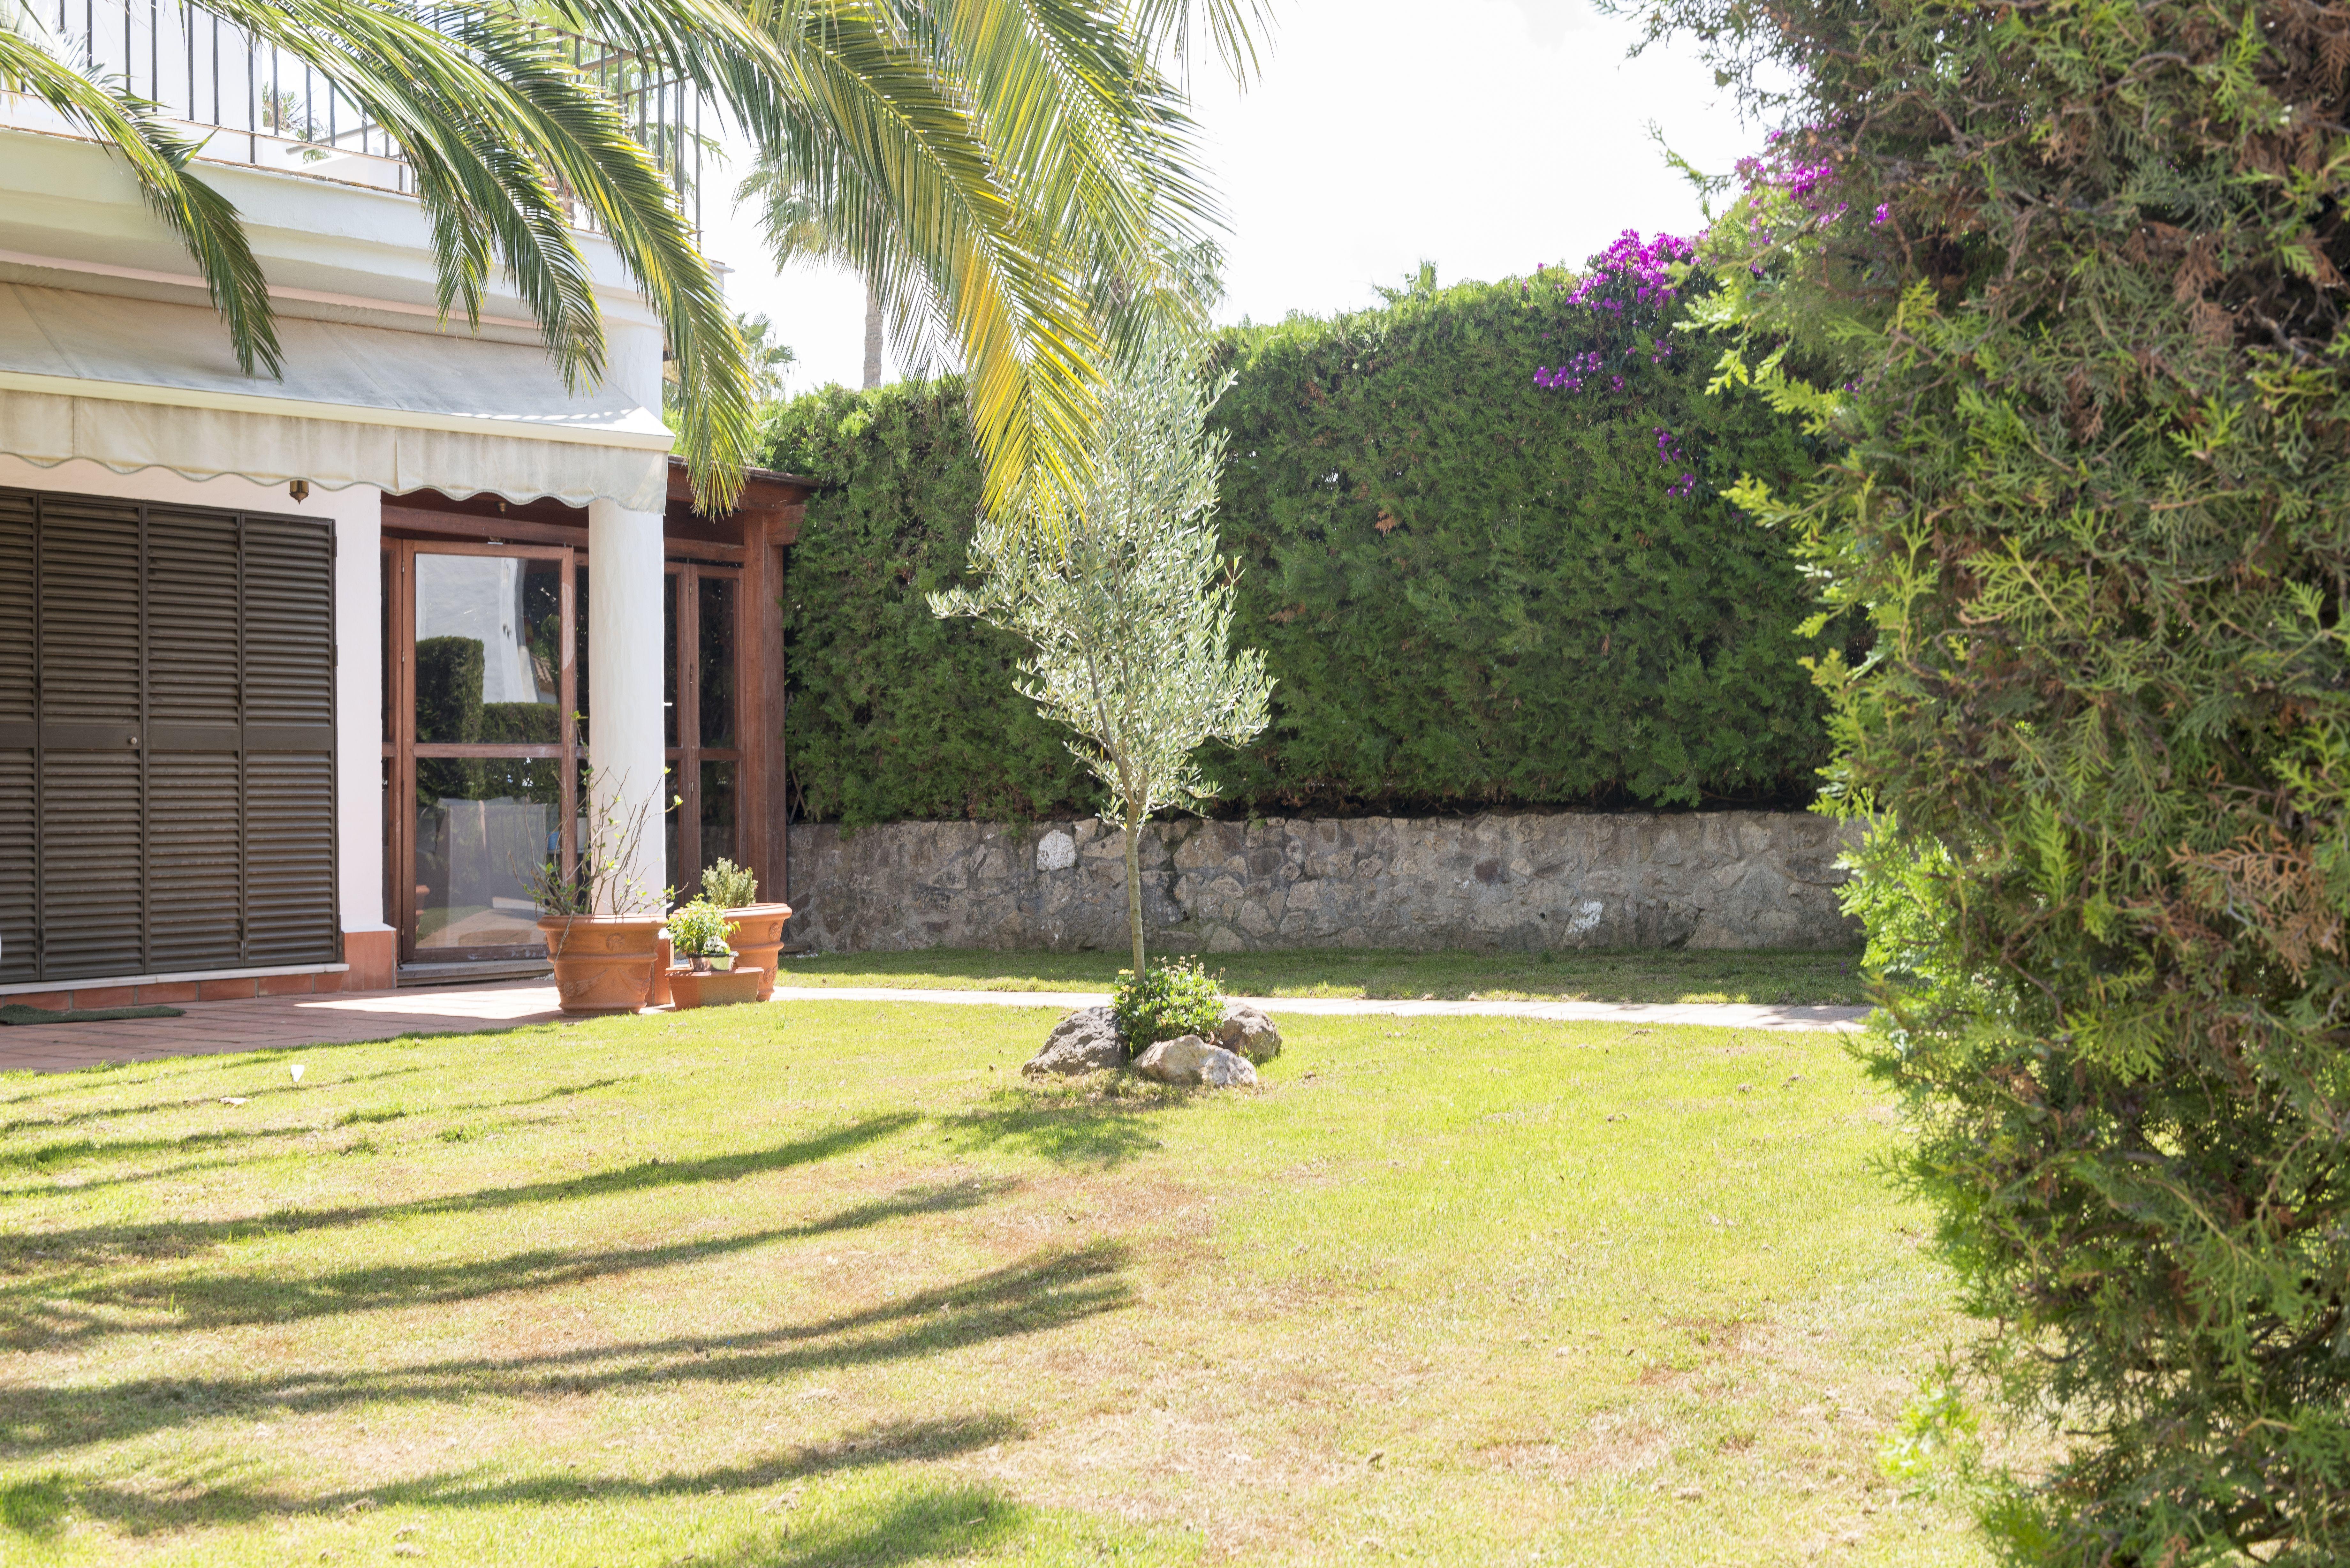 Mantenimiento de jardines en Chiclana de la Frontera, Cádiz